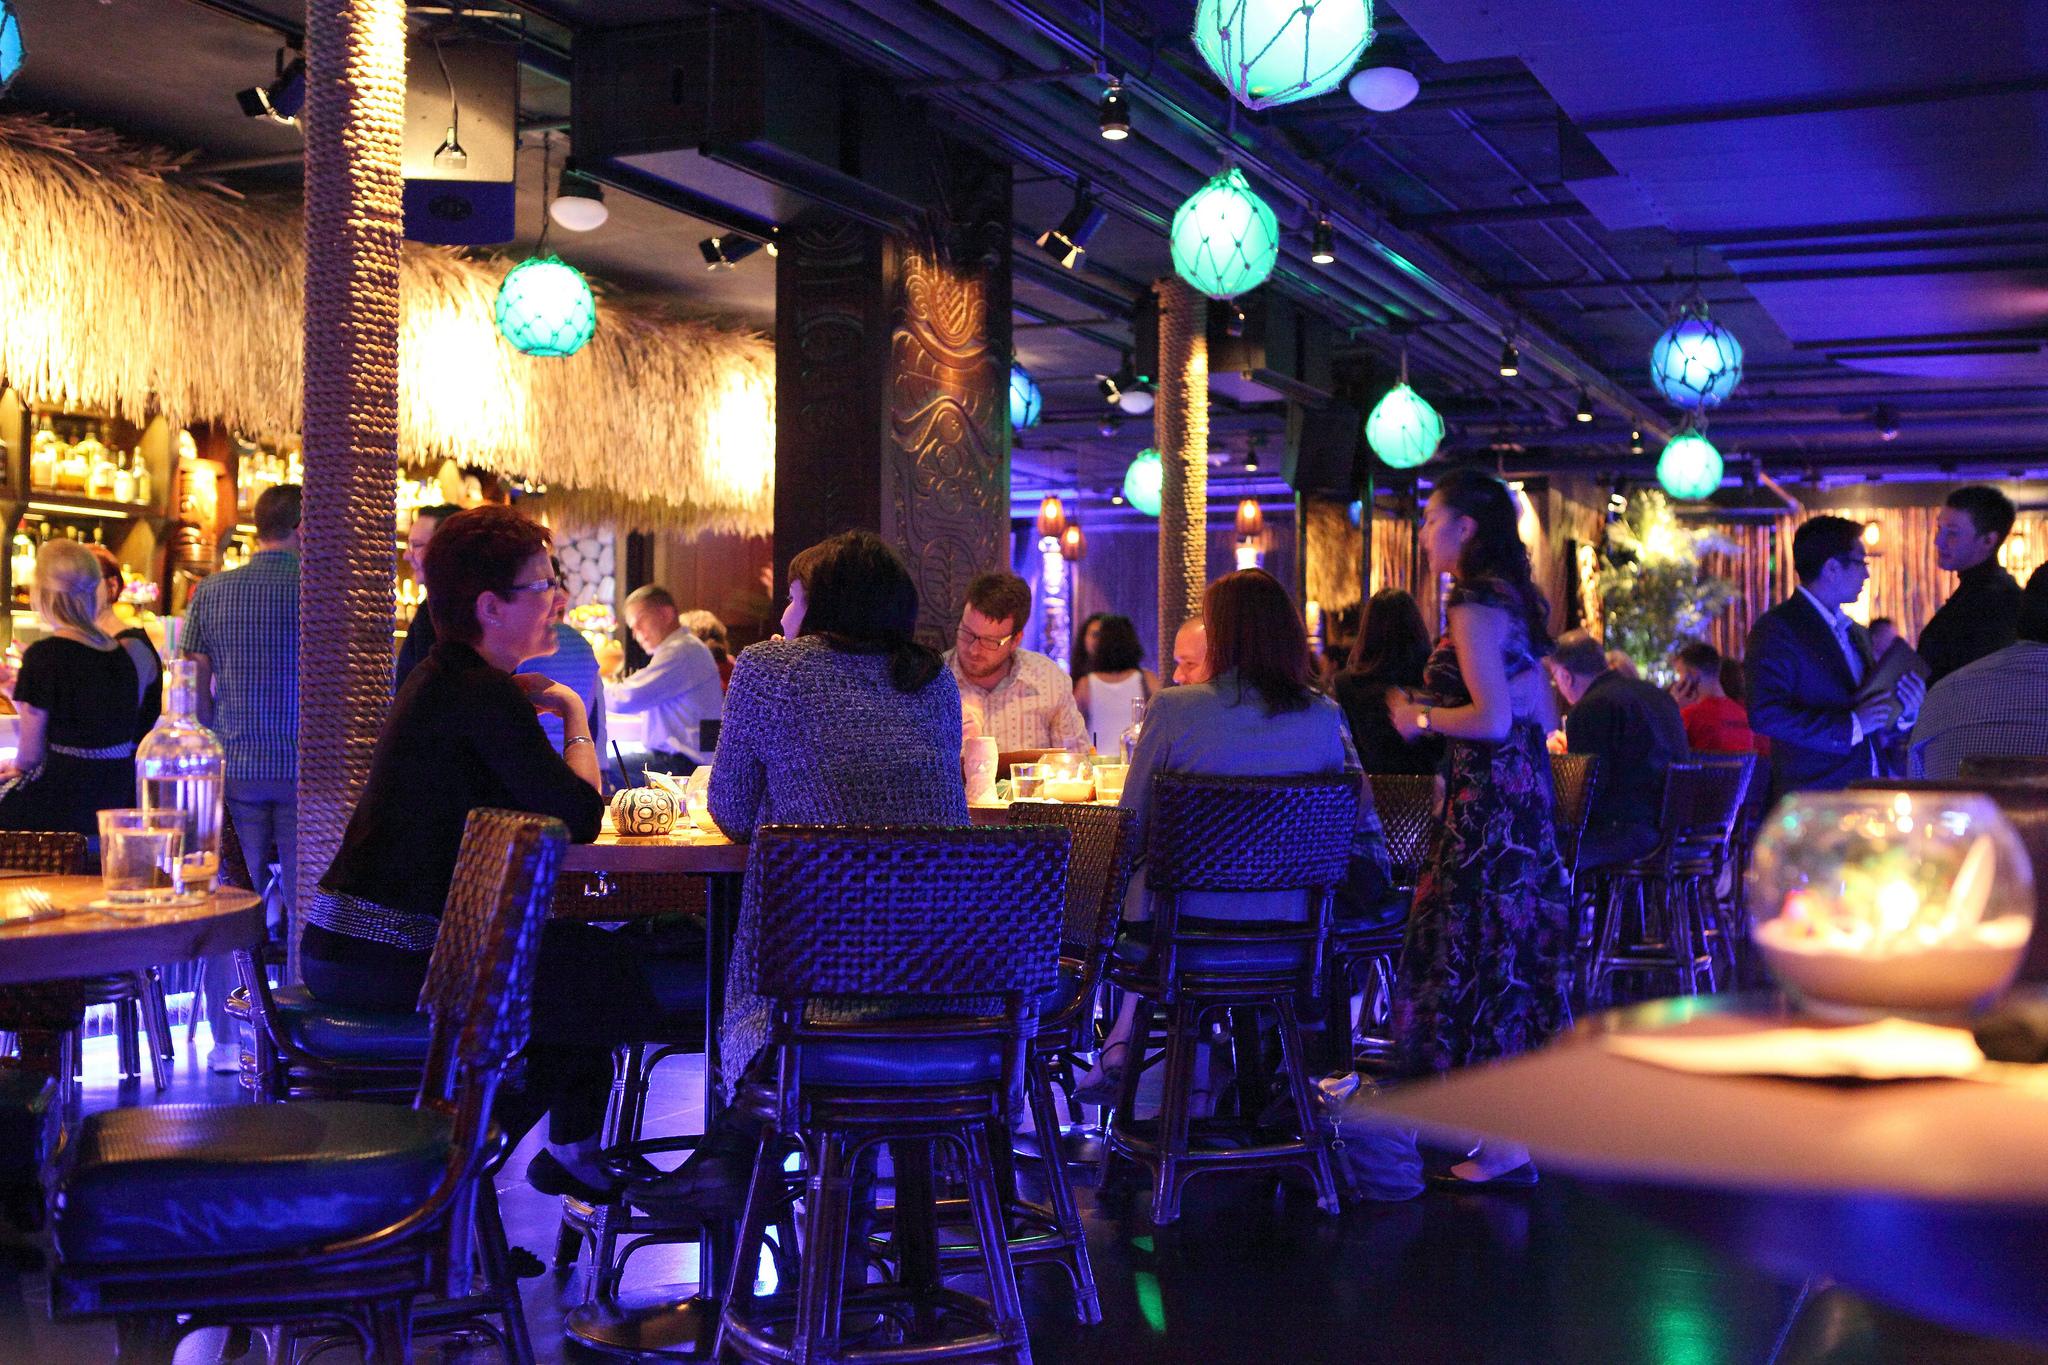 Les Meilleurs Bars De Sitges Barcelona Home Blog